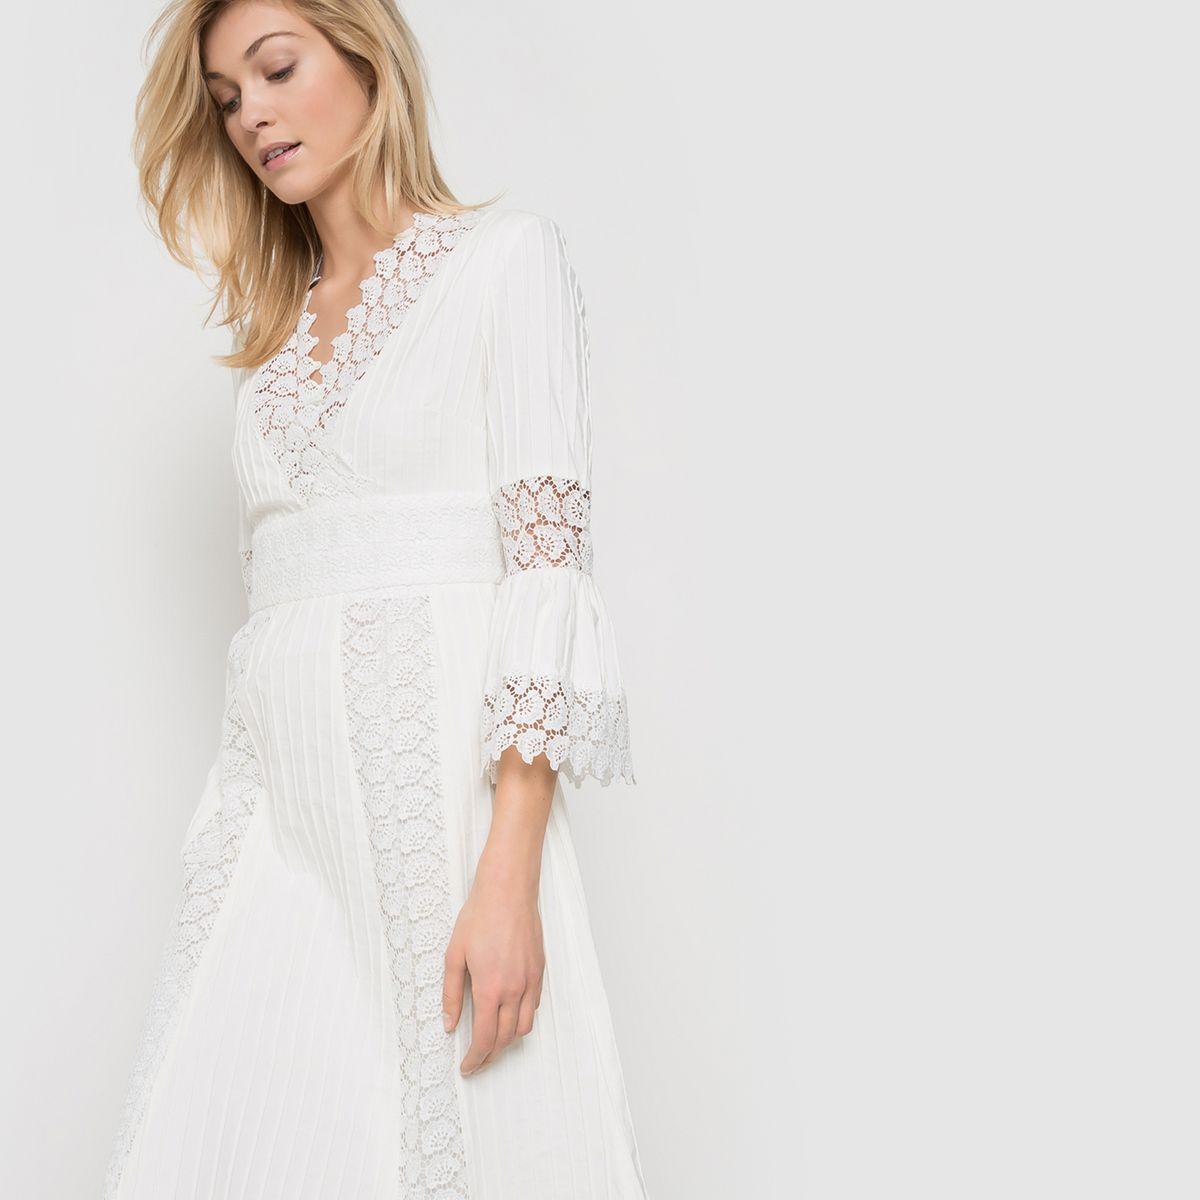 robe de mariée delphine manivet x la redoute blog mariage ...